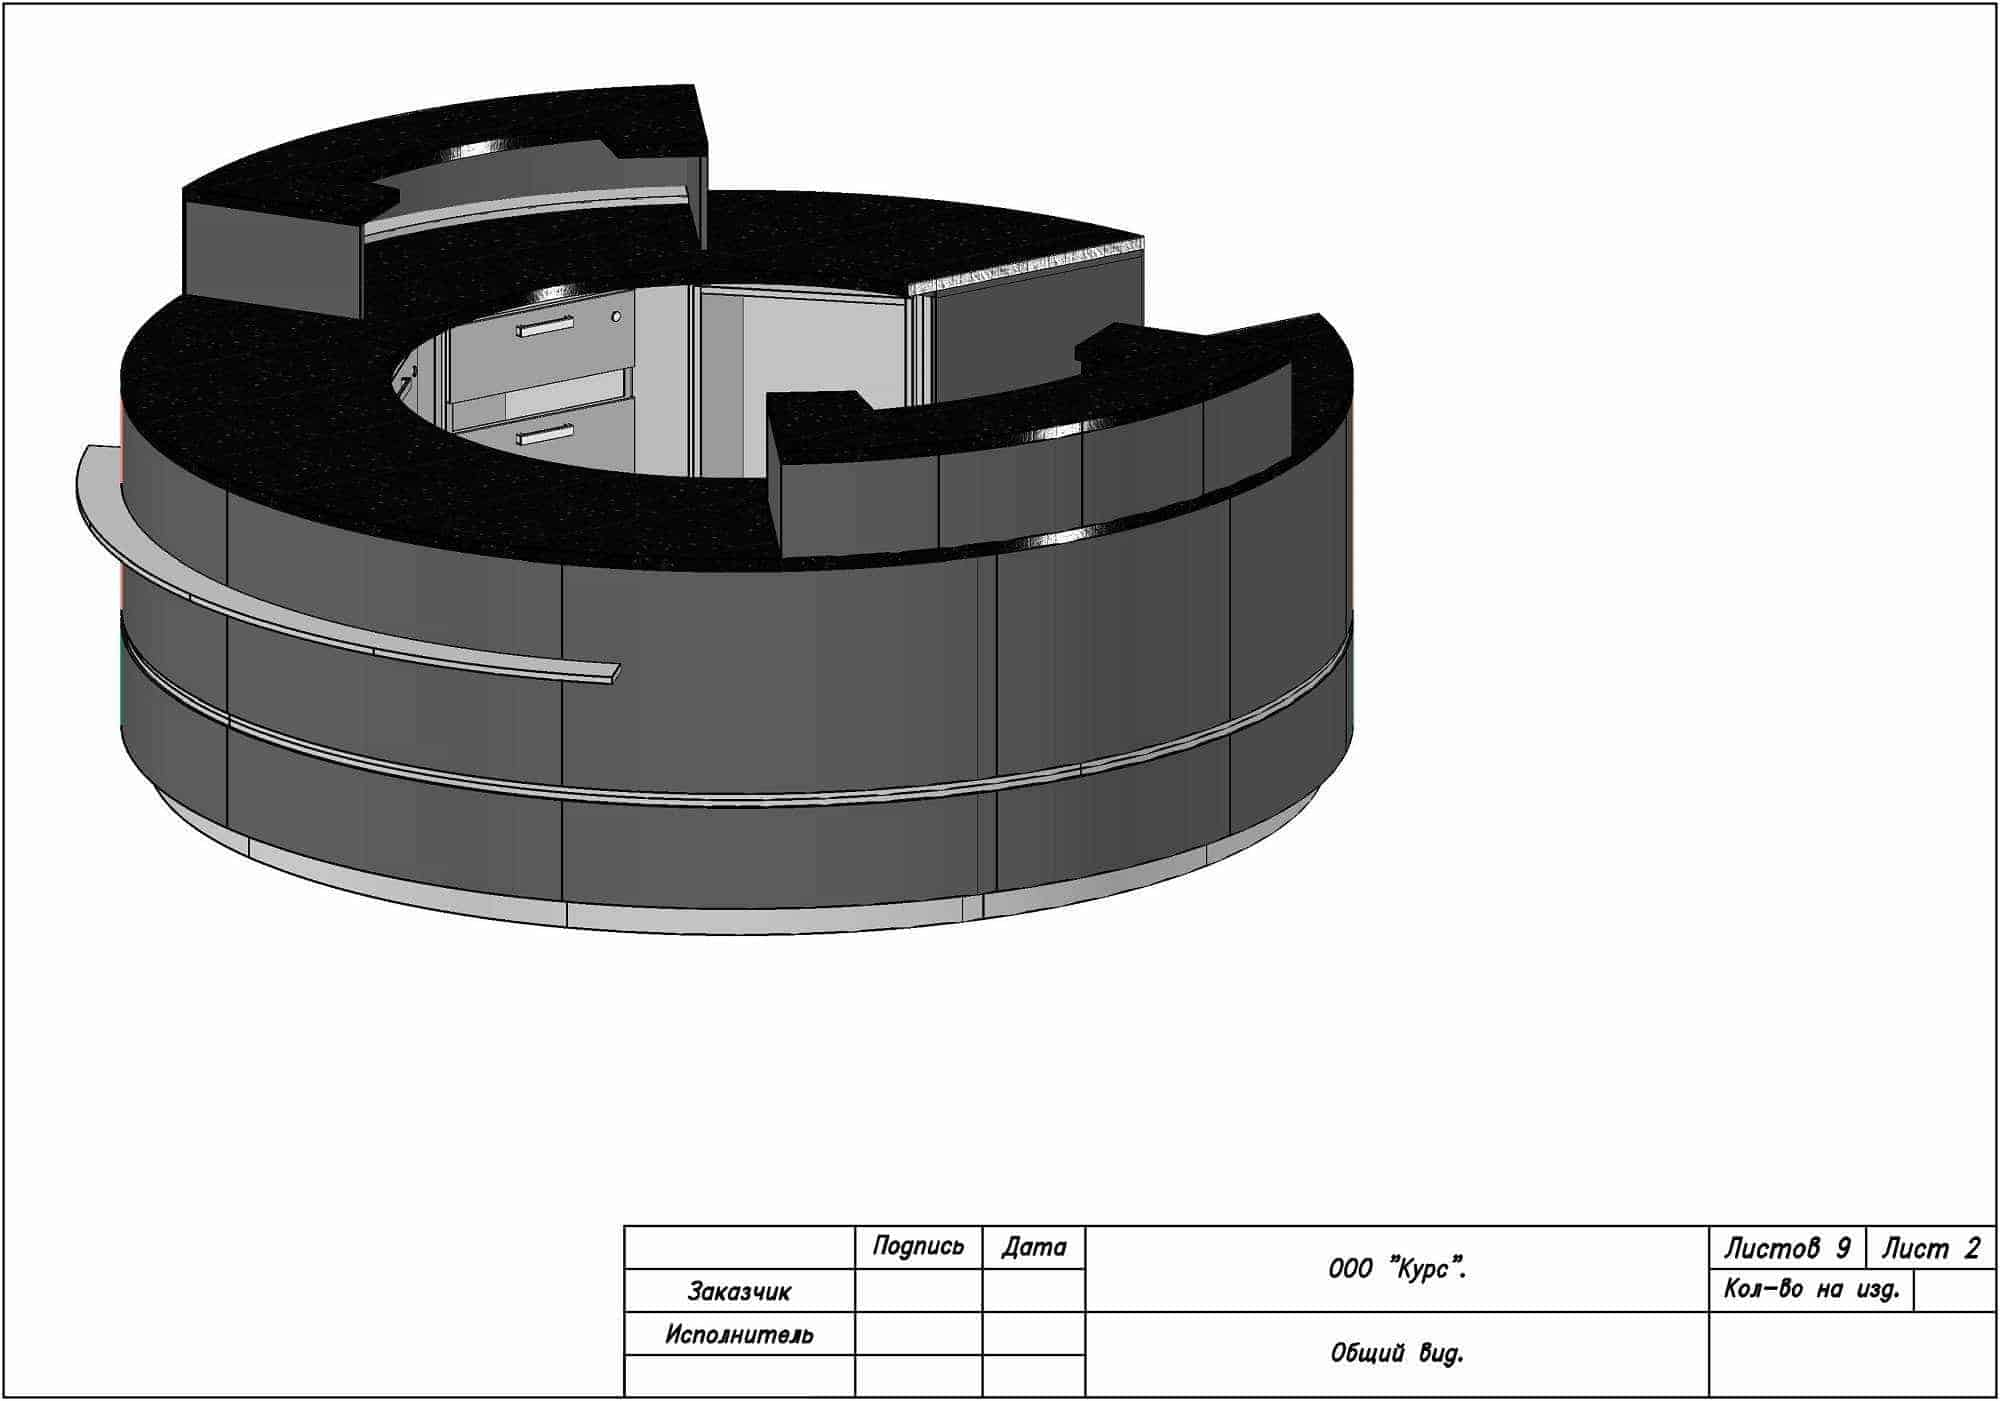 Разработка проекта кассового узла для ООО «Курс»